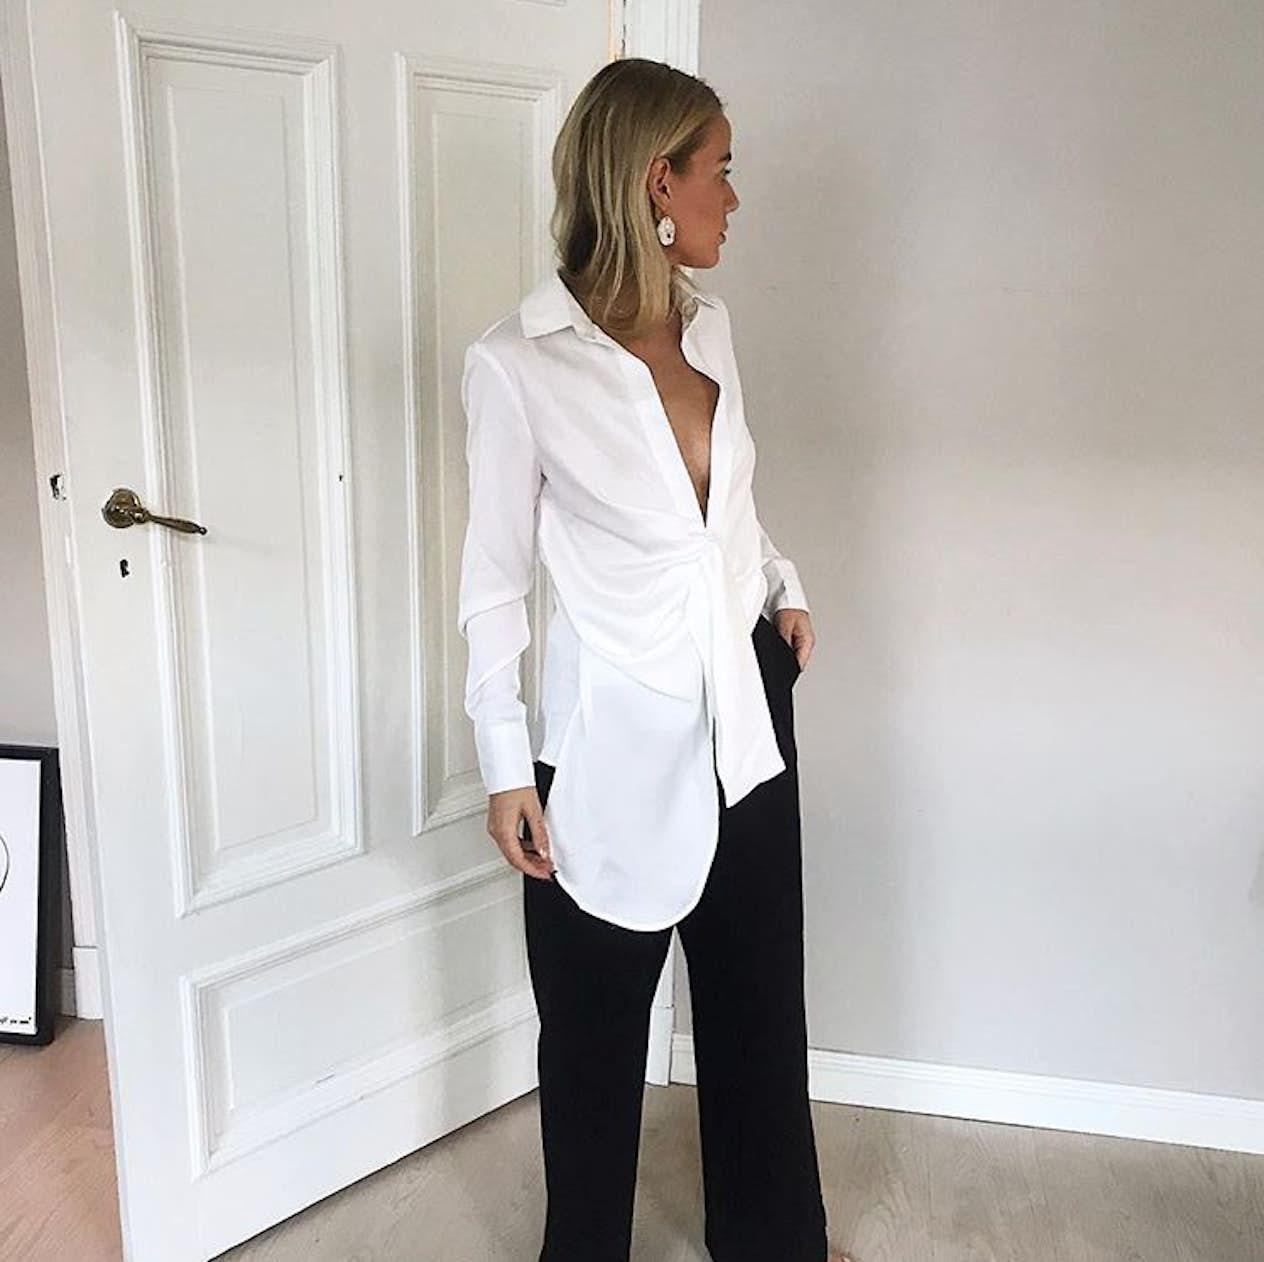 Skjorter & bluser for dame | MATCH nettbutikk